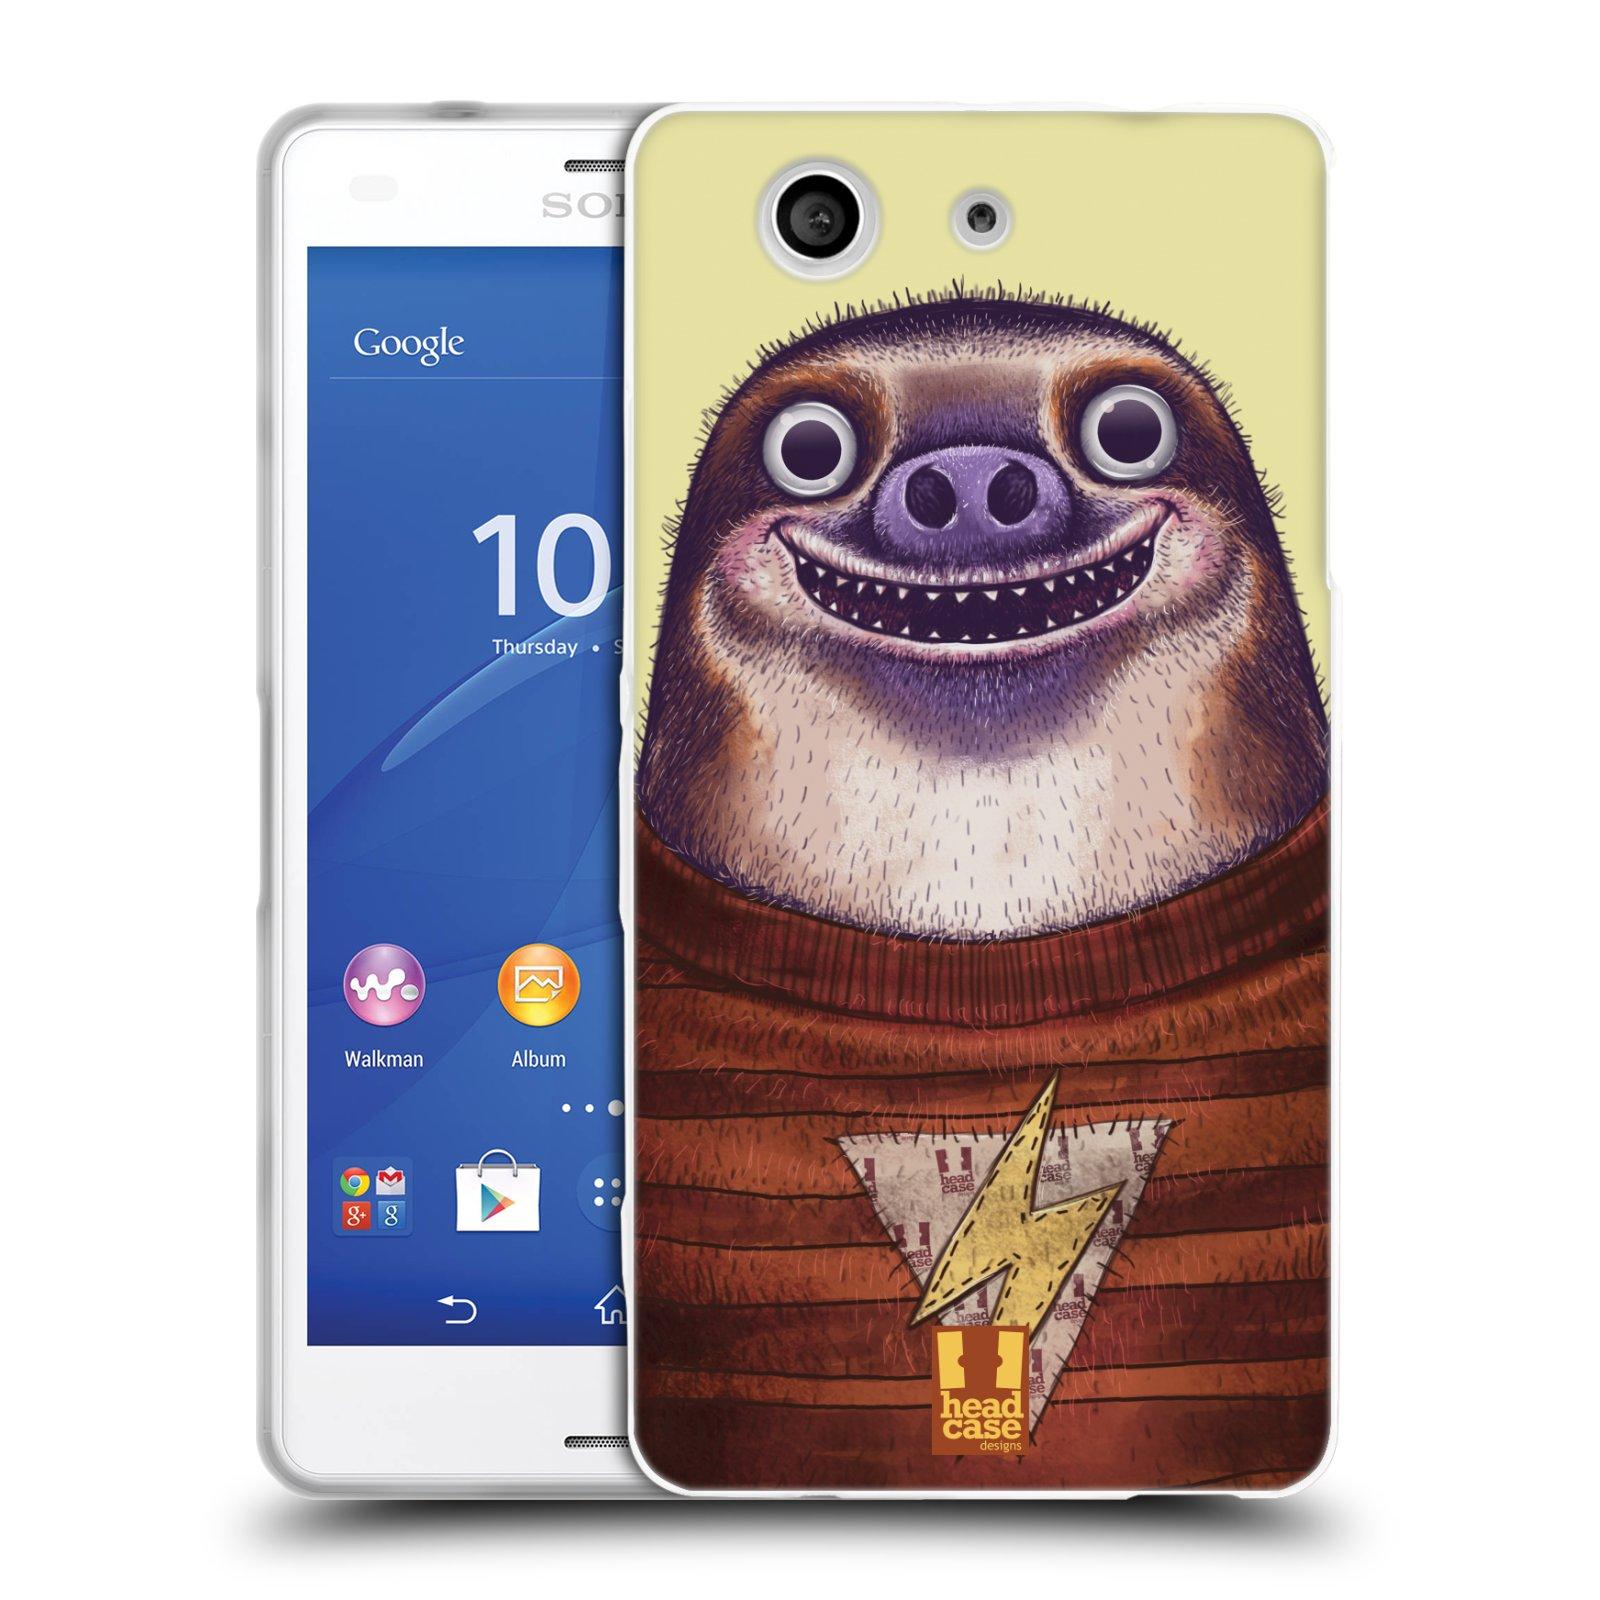 Silikonové pouzdro na mobil Sony Xperia Z3 Compact D5803 HEAD CASE ANIMPLA LENOCHOD